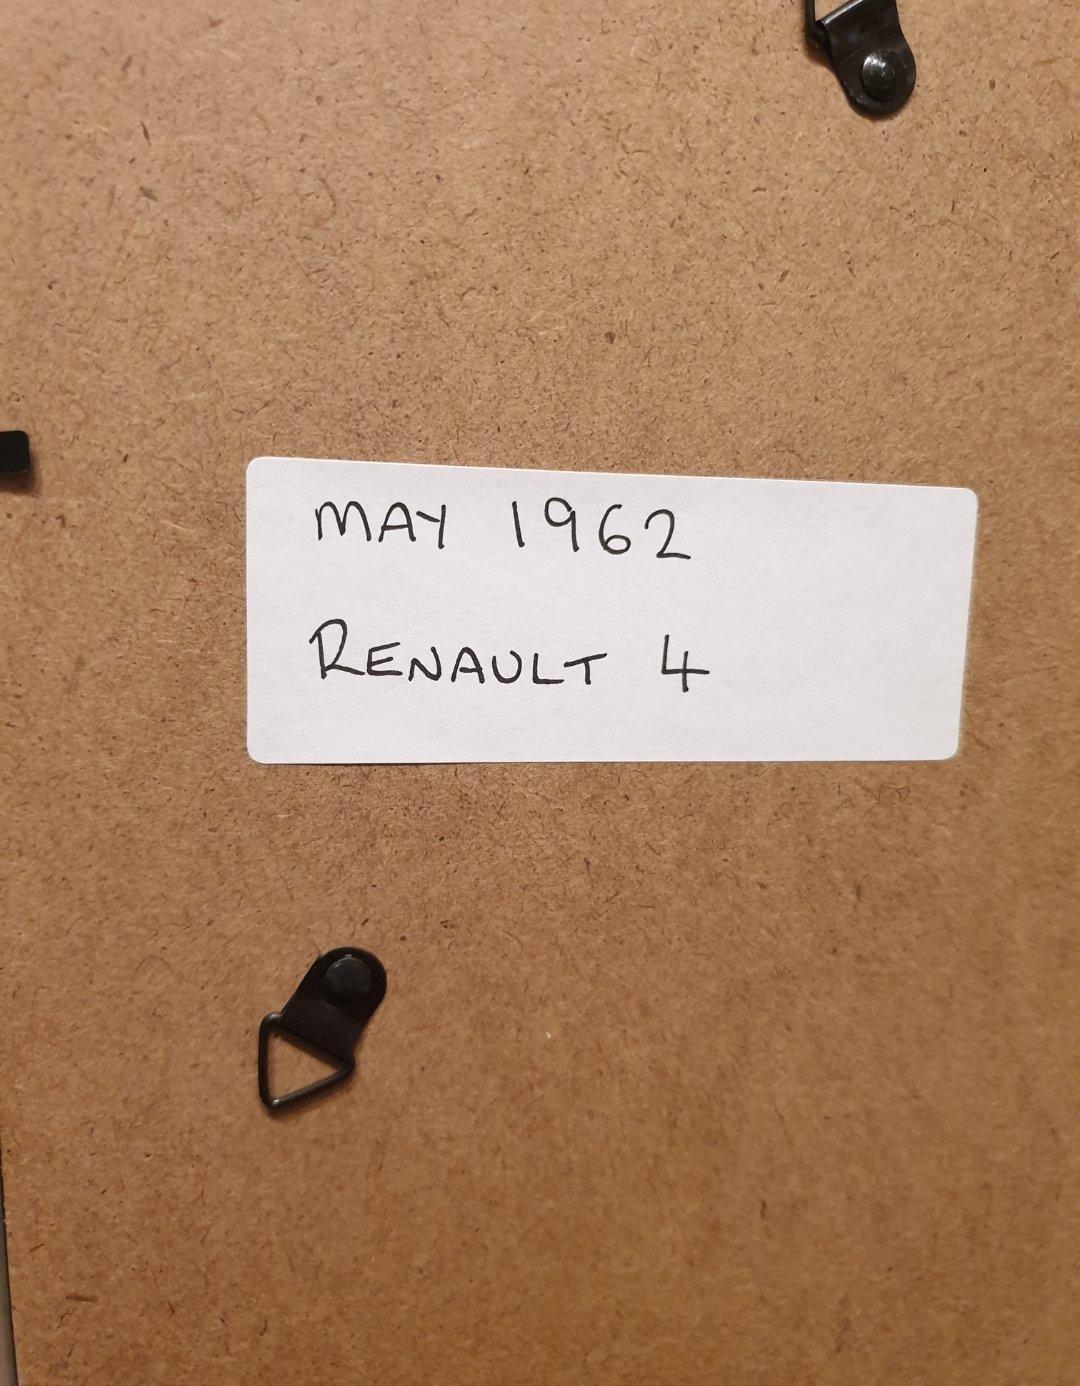 1962 Renault 4 Framed Advert Original  For Sale (picture 2 of 2)